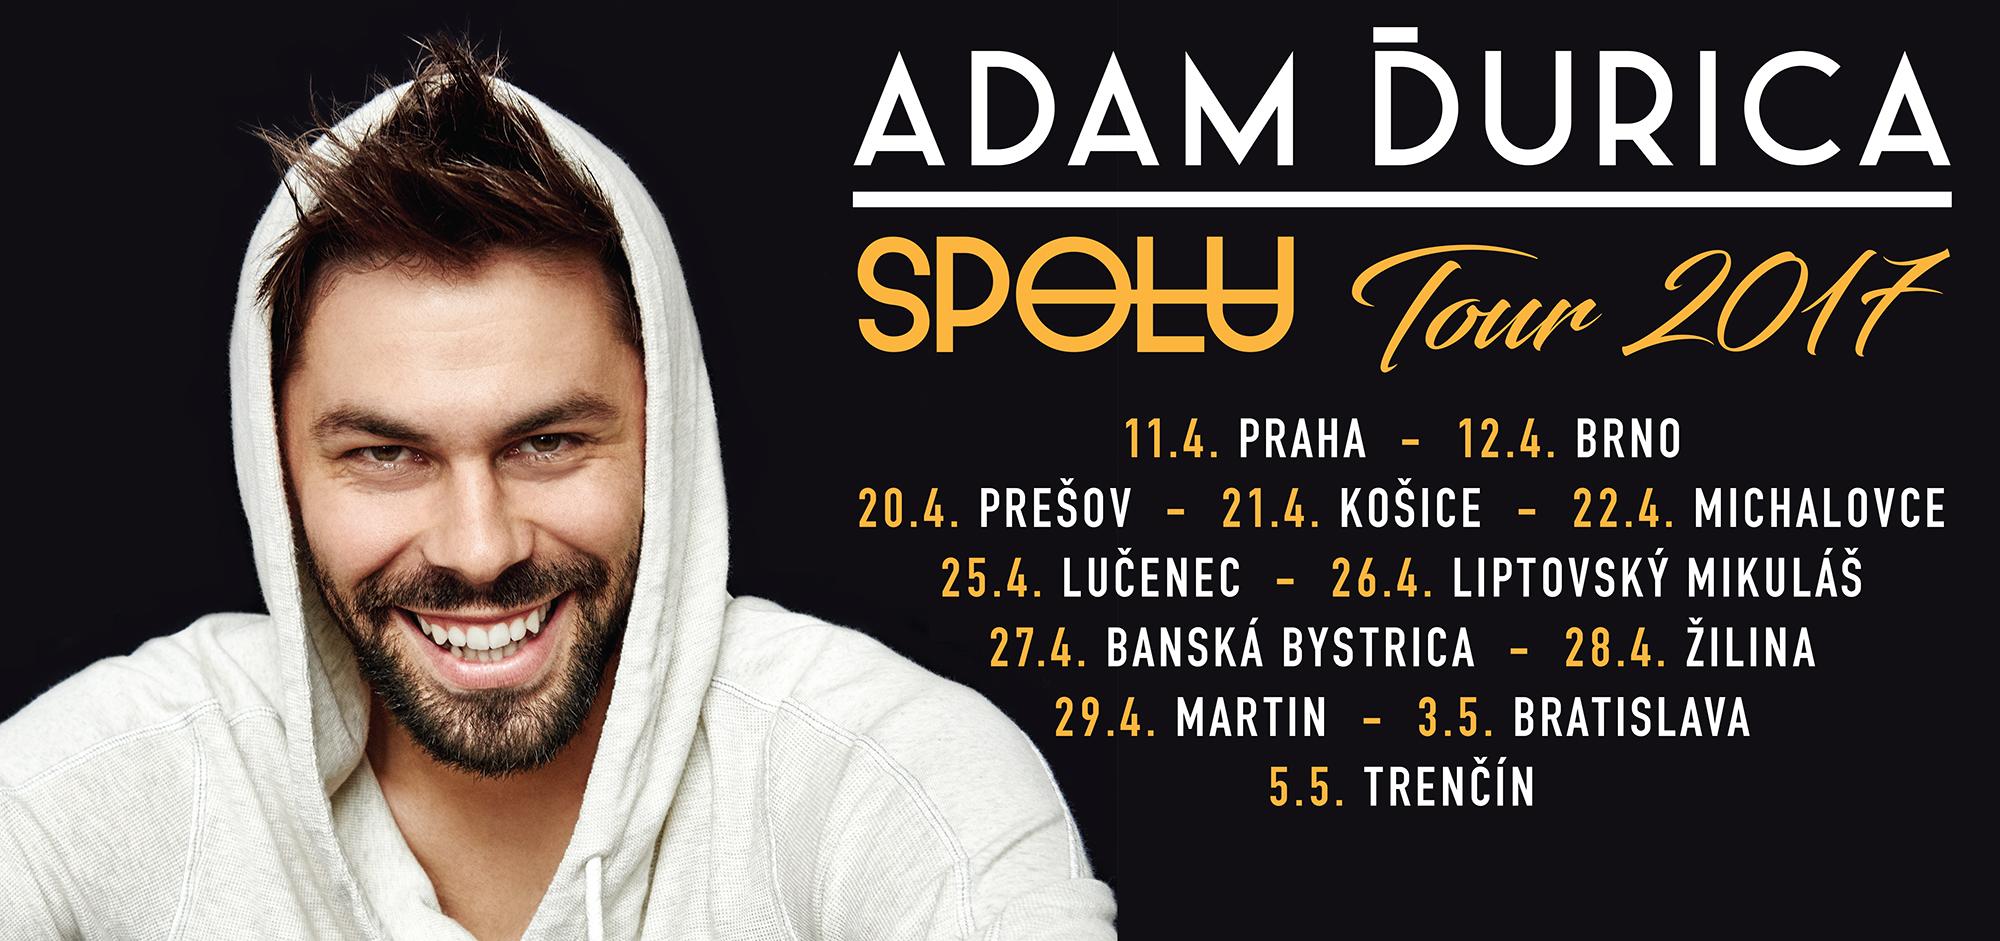 picture ADAM ĎURICA SPOLU TOUR 2017